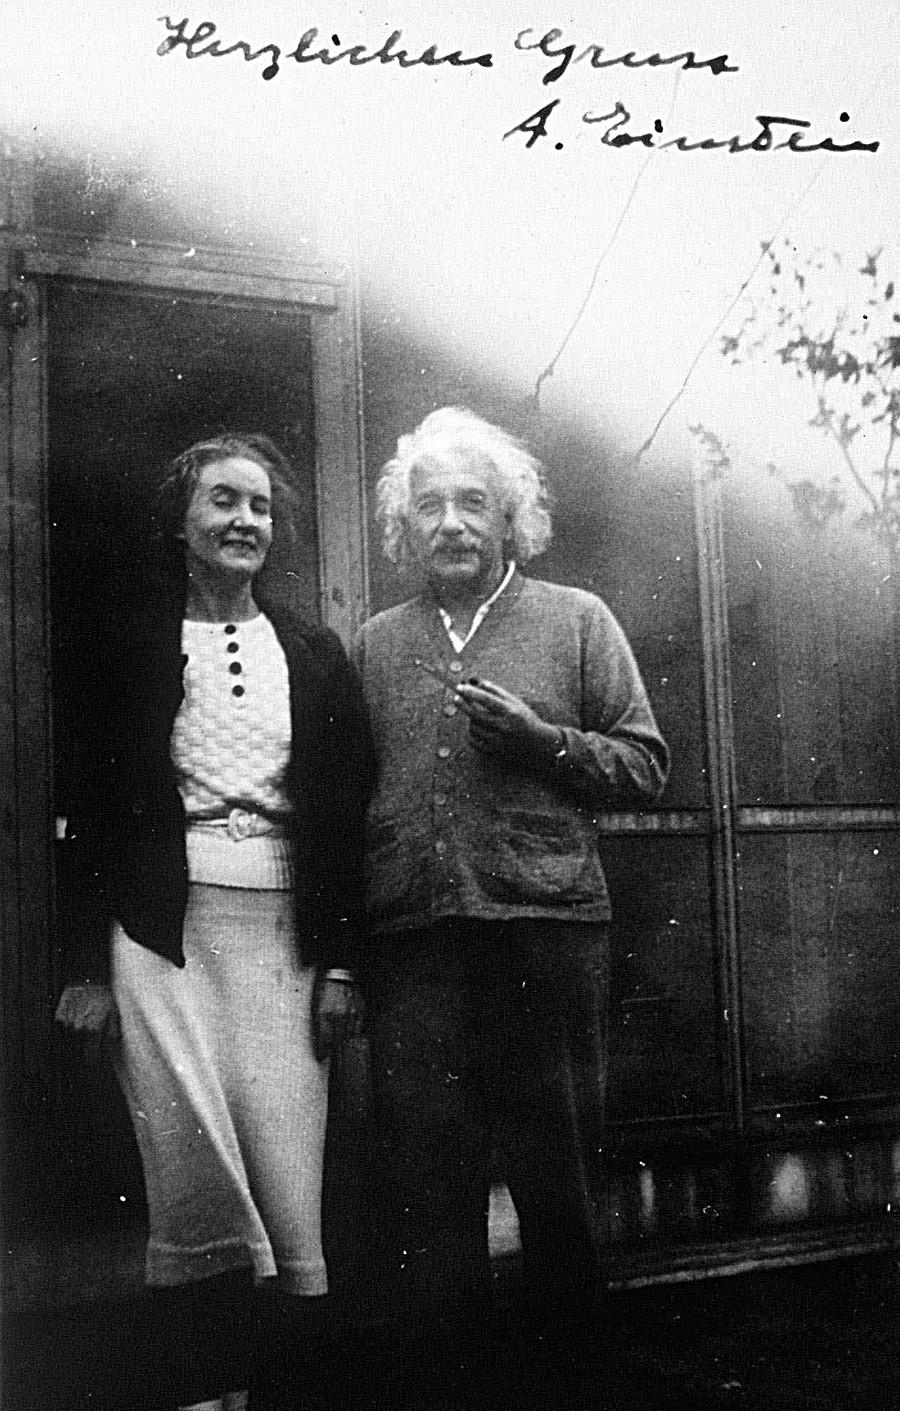 Алберт Ајнштајн и Маргарита Коњенкова на фотографији непознатог датума.